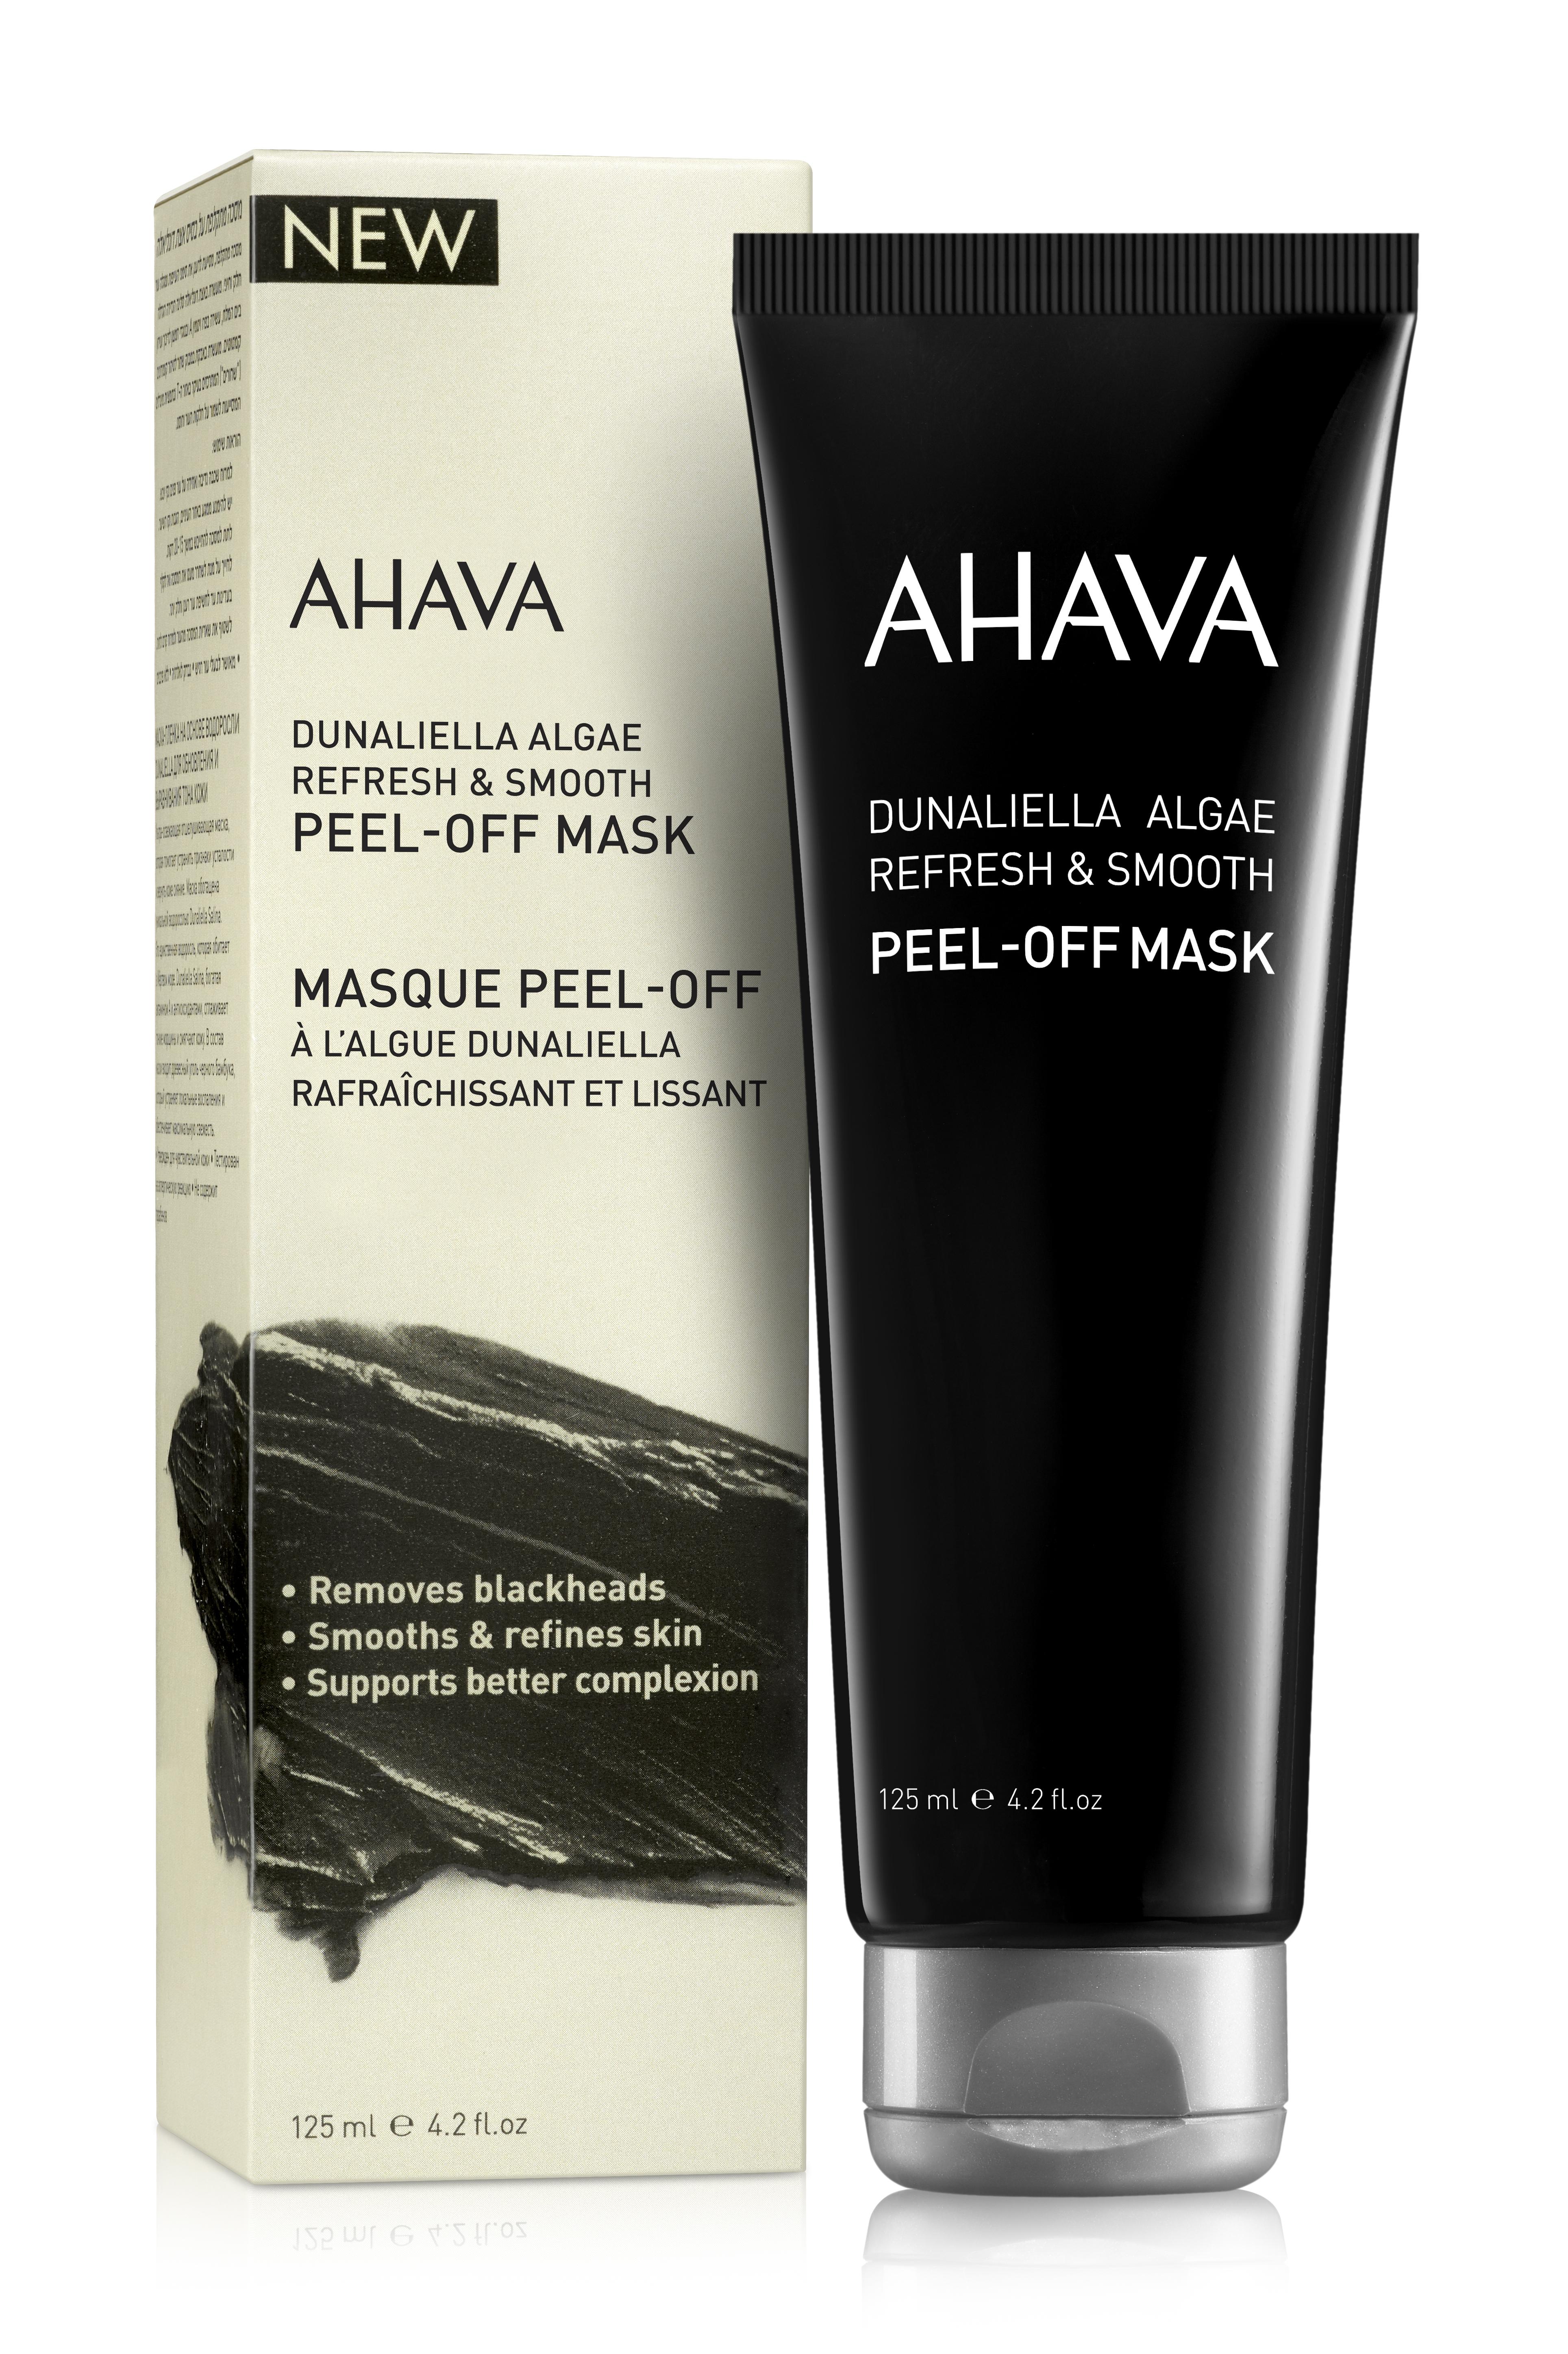 AHAVA Маска-пленка для обновления и выравнивания тона кожи / Mineral Mud Masks 125 мл -  Маски